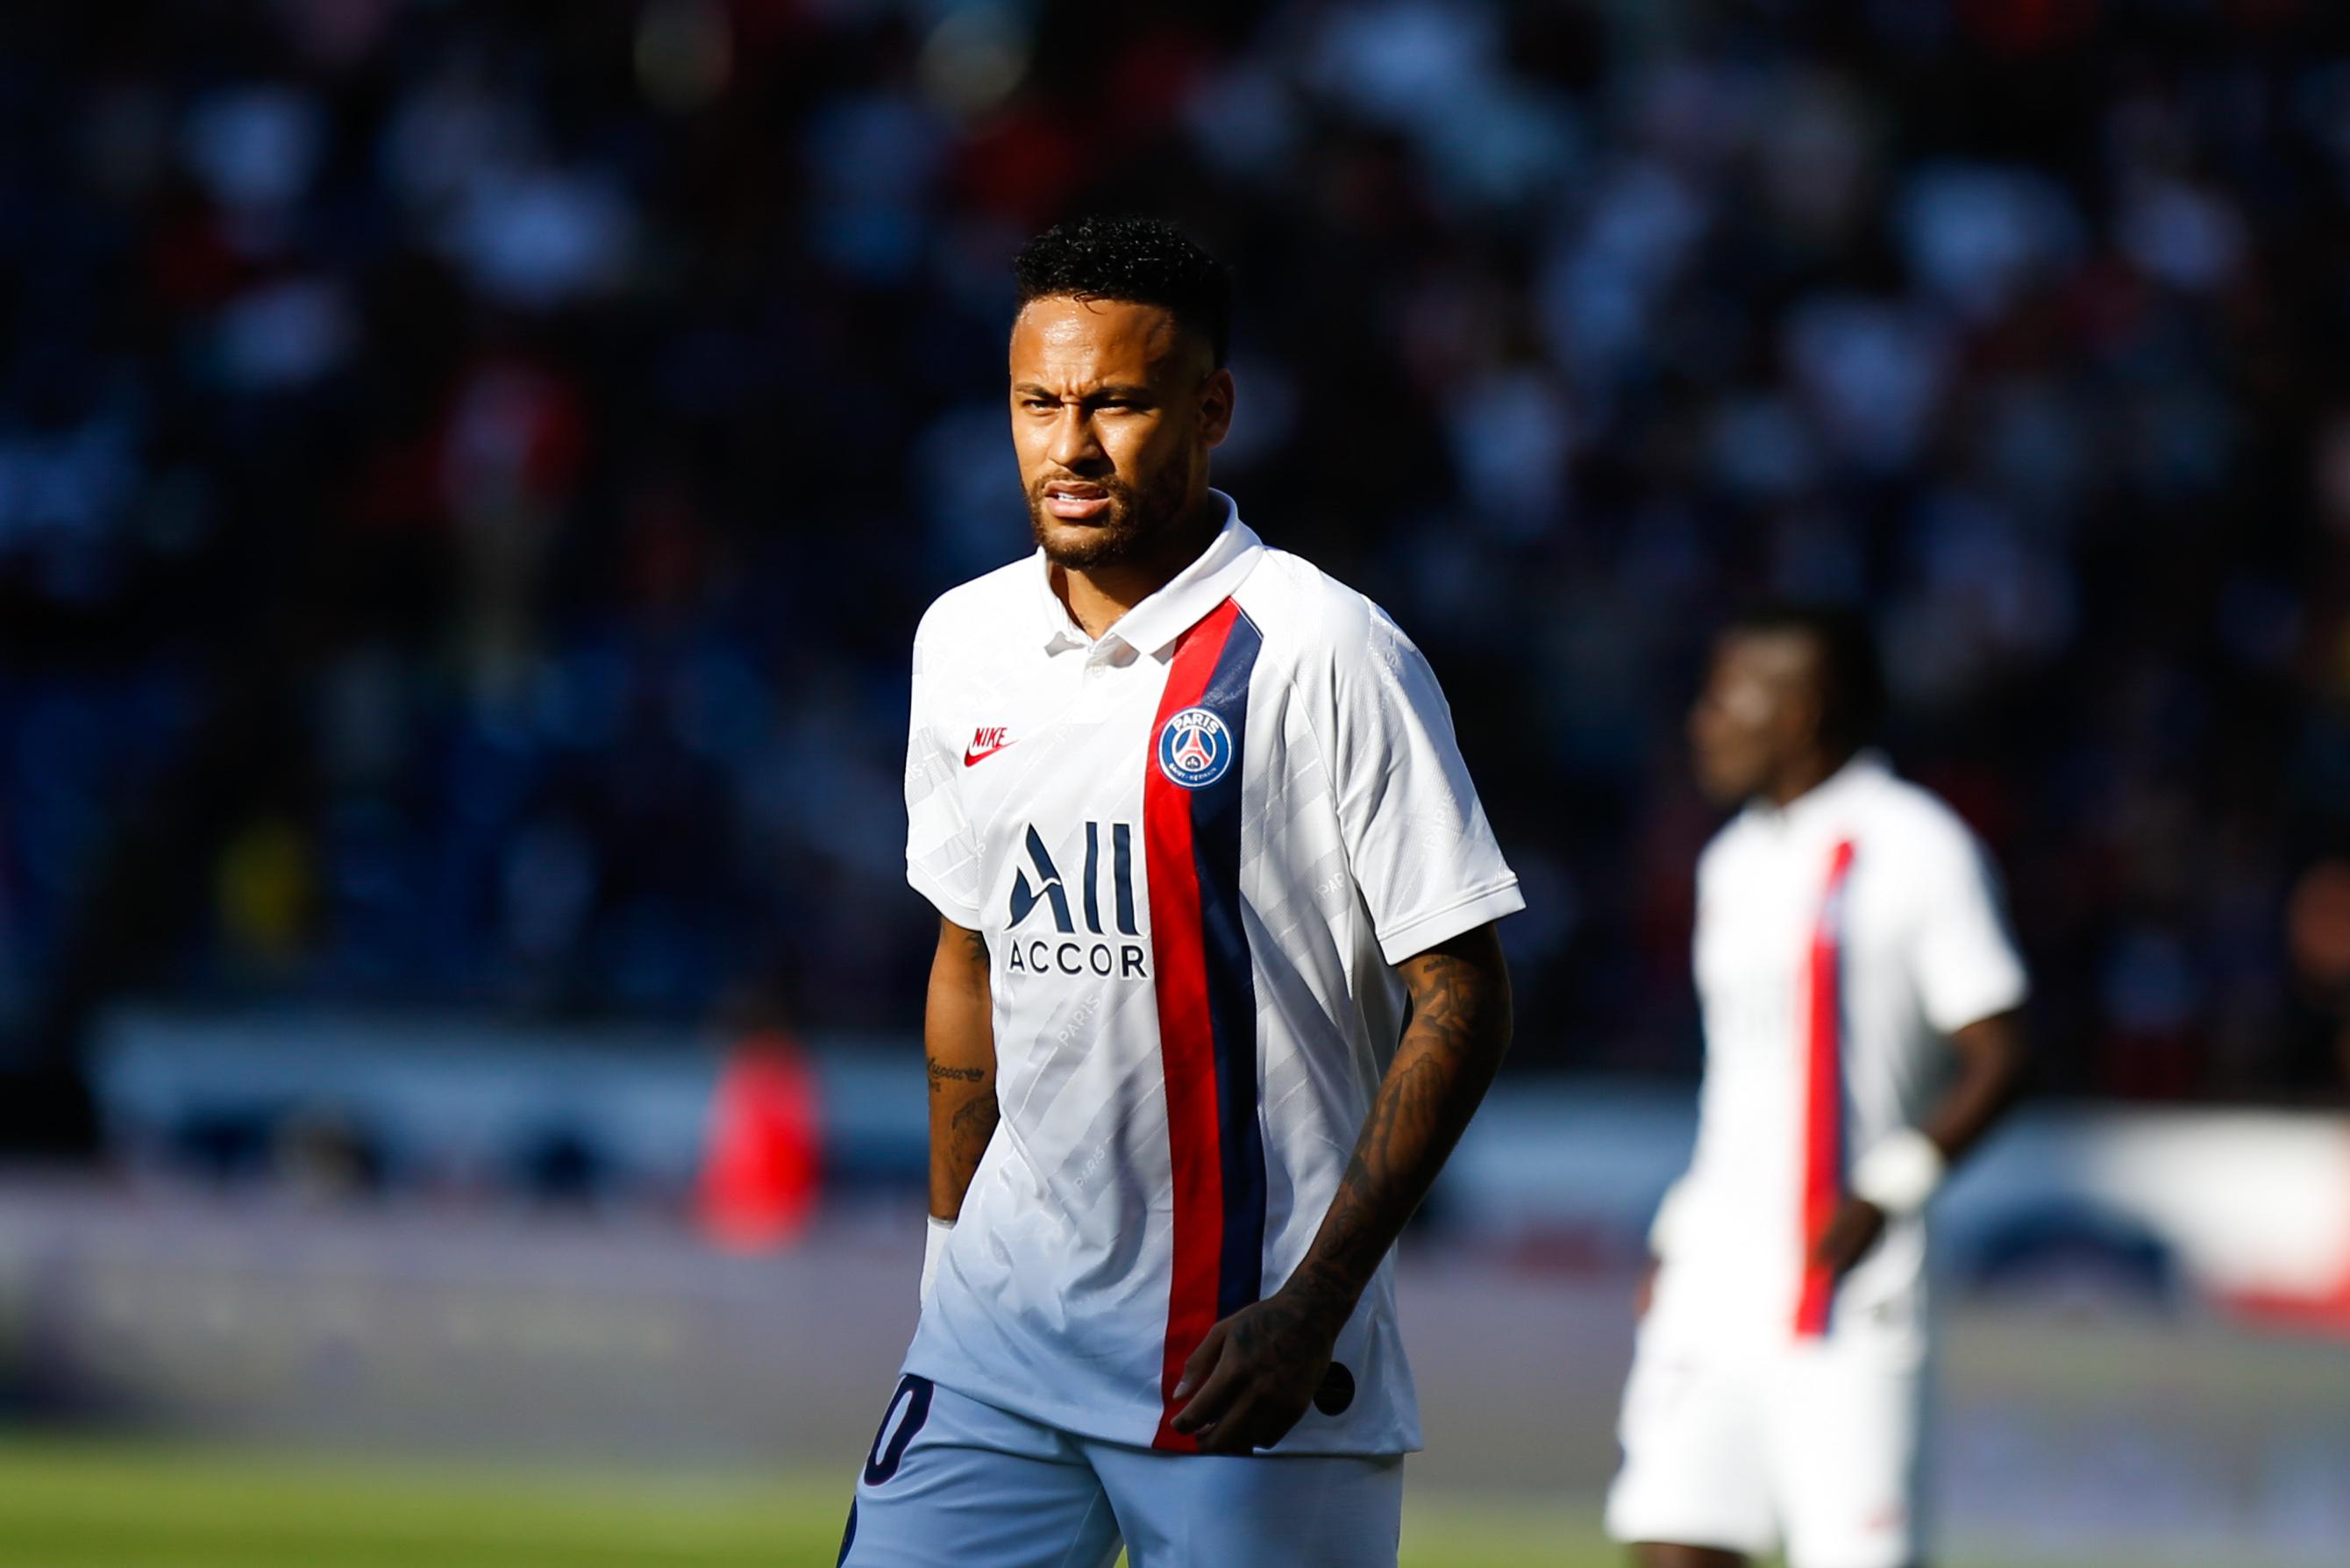 Neymar lors de son retour avec le Paris SG, samedi dernier, face à Strasbourg (Johnny Fidelin/Icon Sport)